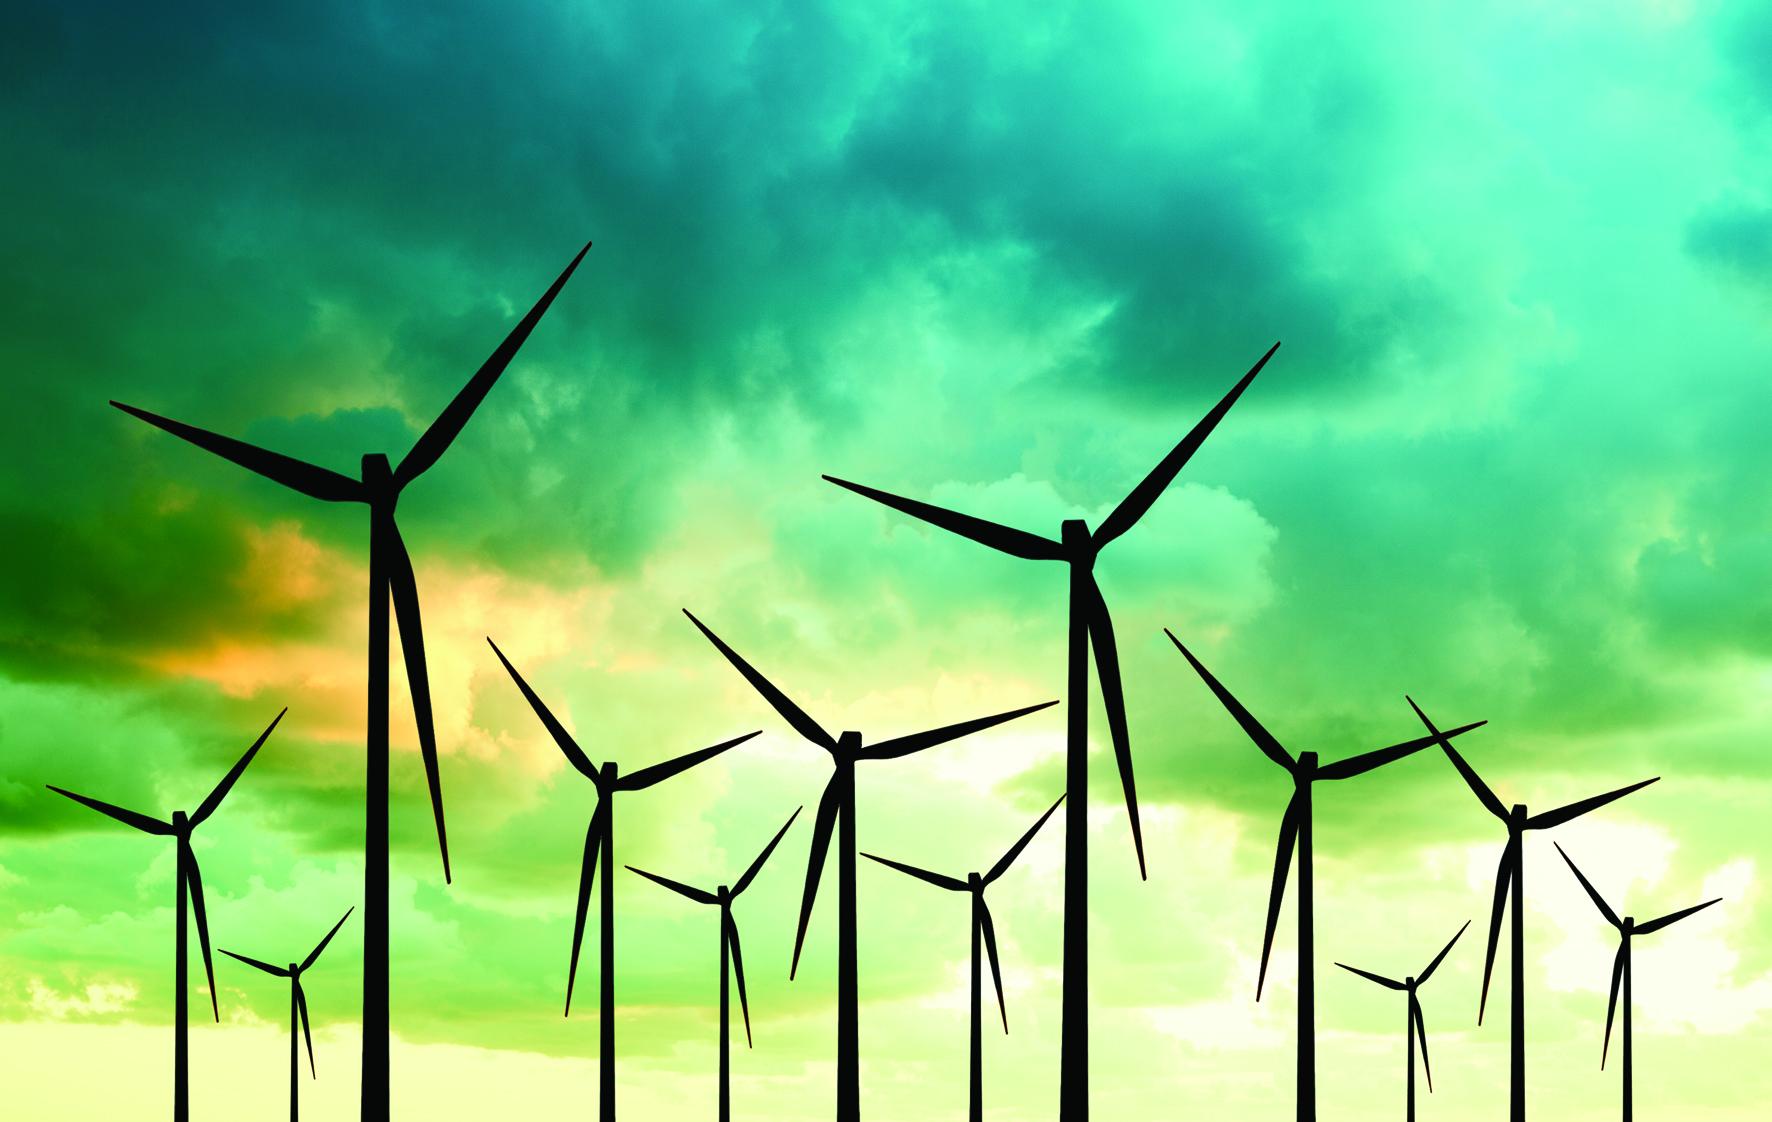 cd1603d815 Il punto sui green bond. L'analisi di Ophélie Mortier, responsabile degli  Investimenti Responsabili di Degroof Petercam AM, a dieci anni dal lancio  del ...